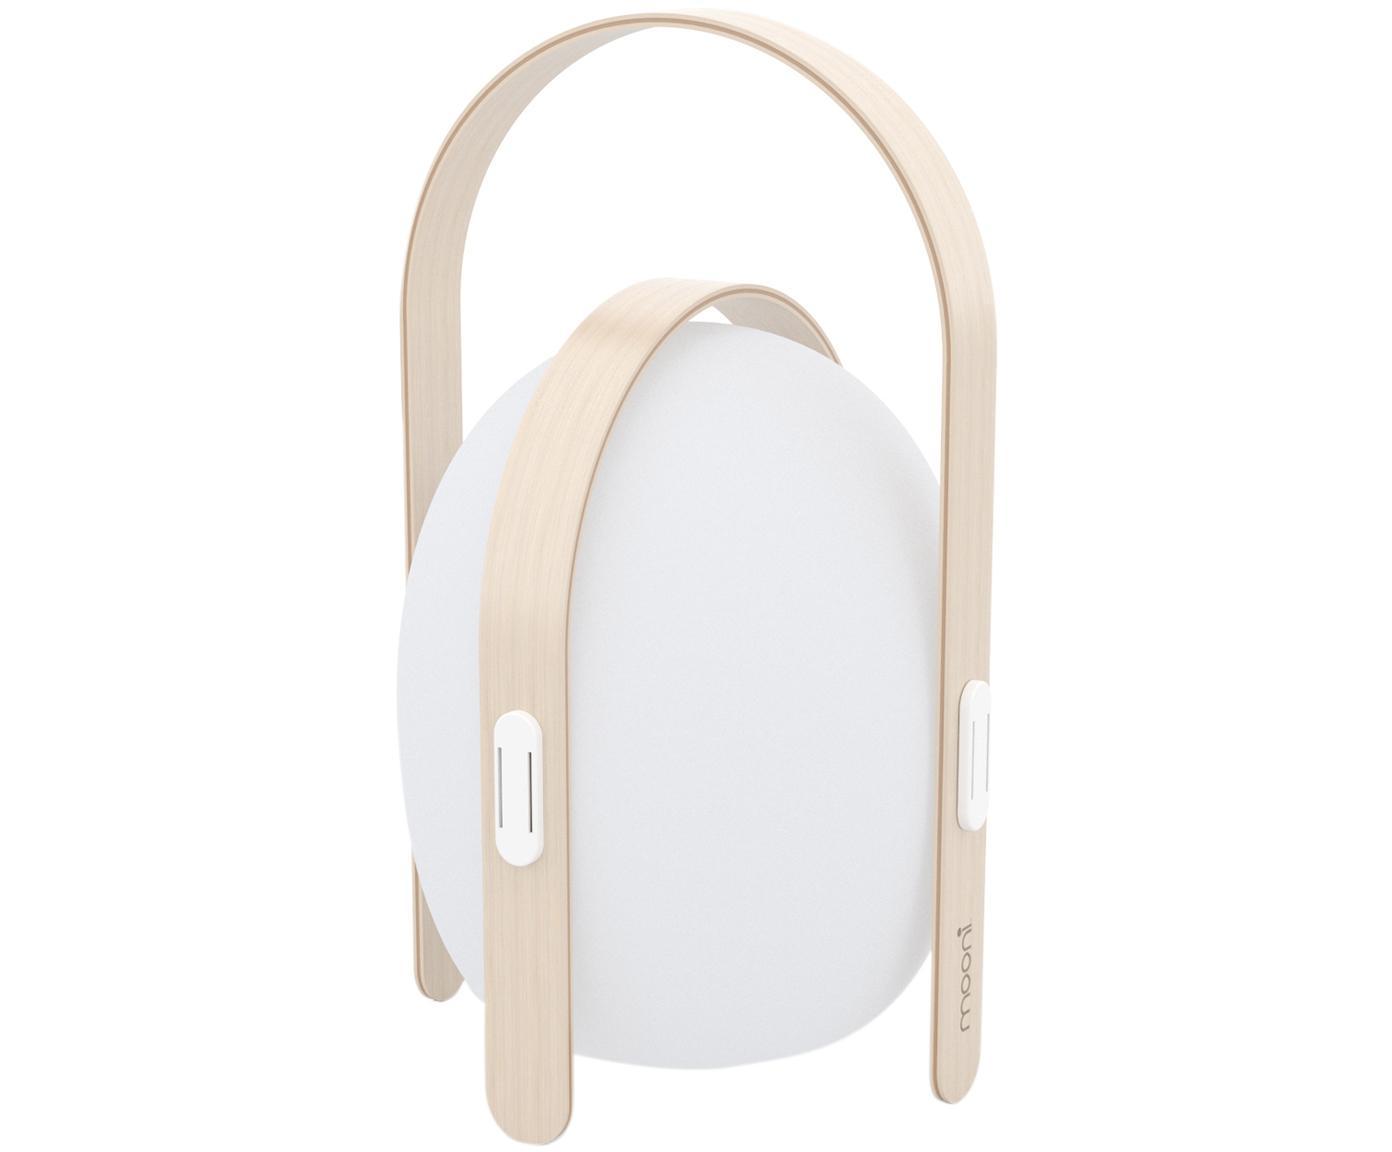 Zewnętrzna mobilna lampa LED Ovo, Stelaż: drewno wiązowe z okleiną , Biały, jasny brązowy, Ø 24 x W 39 cm